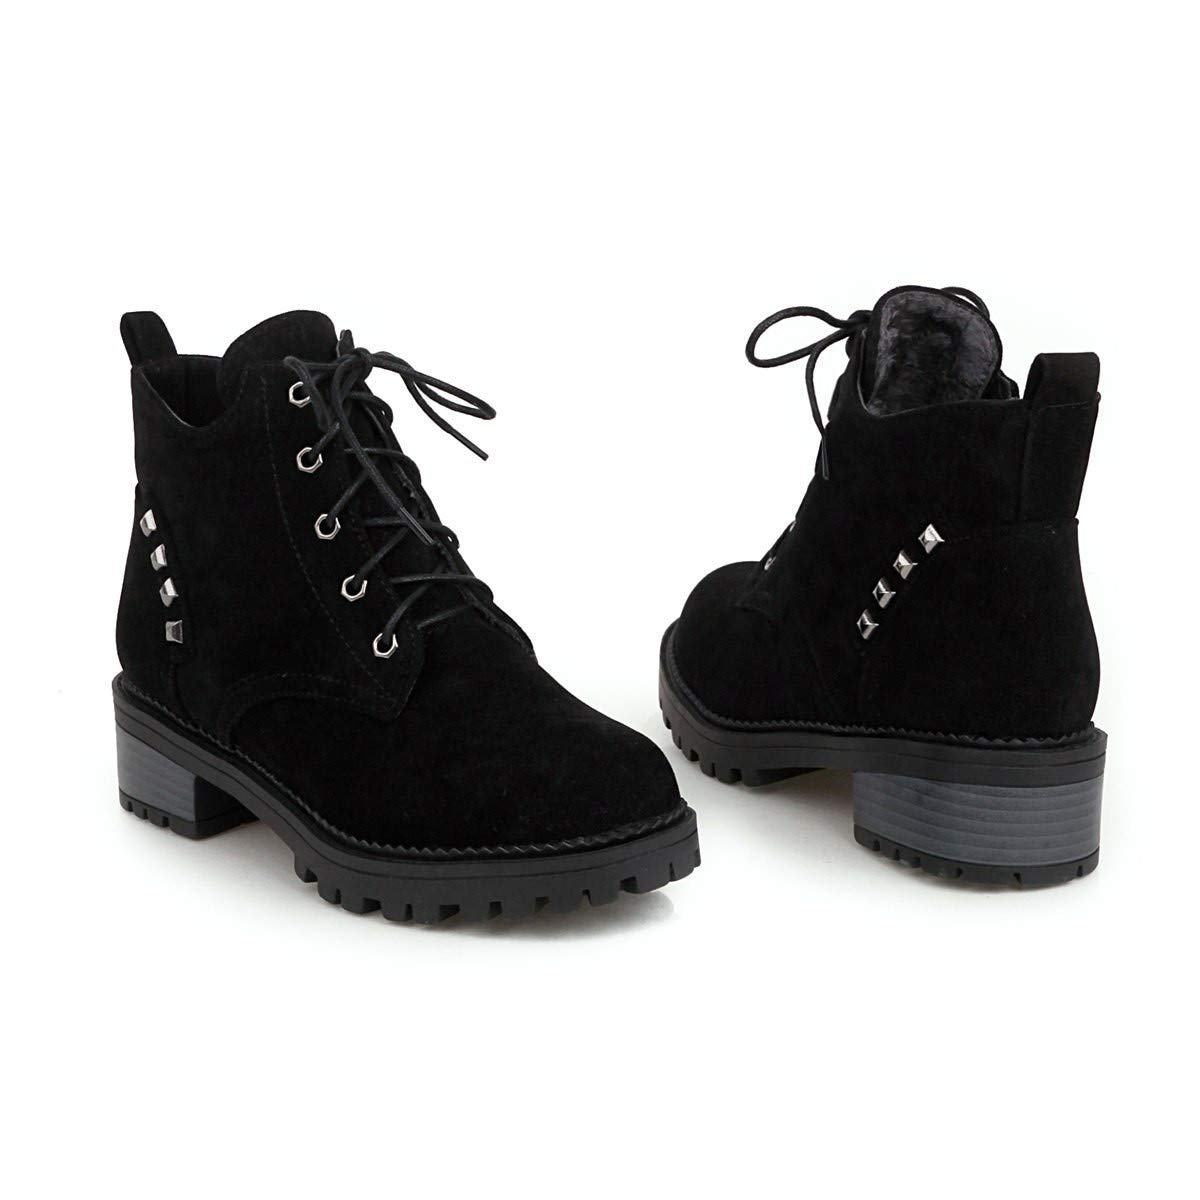 Stiefel-DEDE Stiefel  einfache Wilde Damenschuhe   lässiger Platz mit Spitzenstiefeln